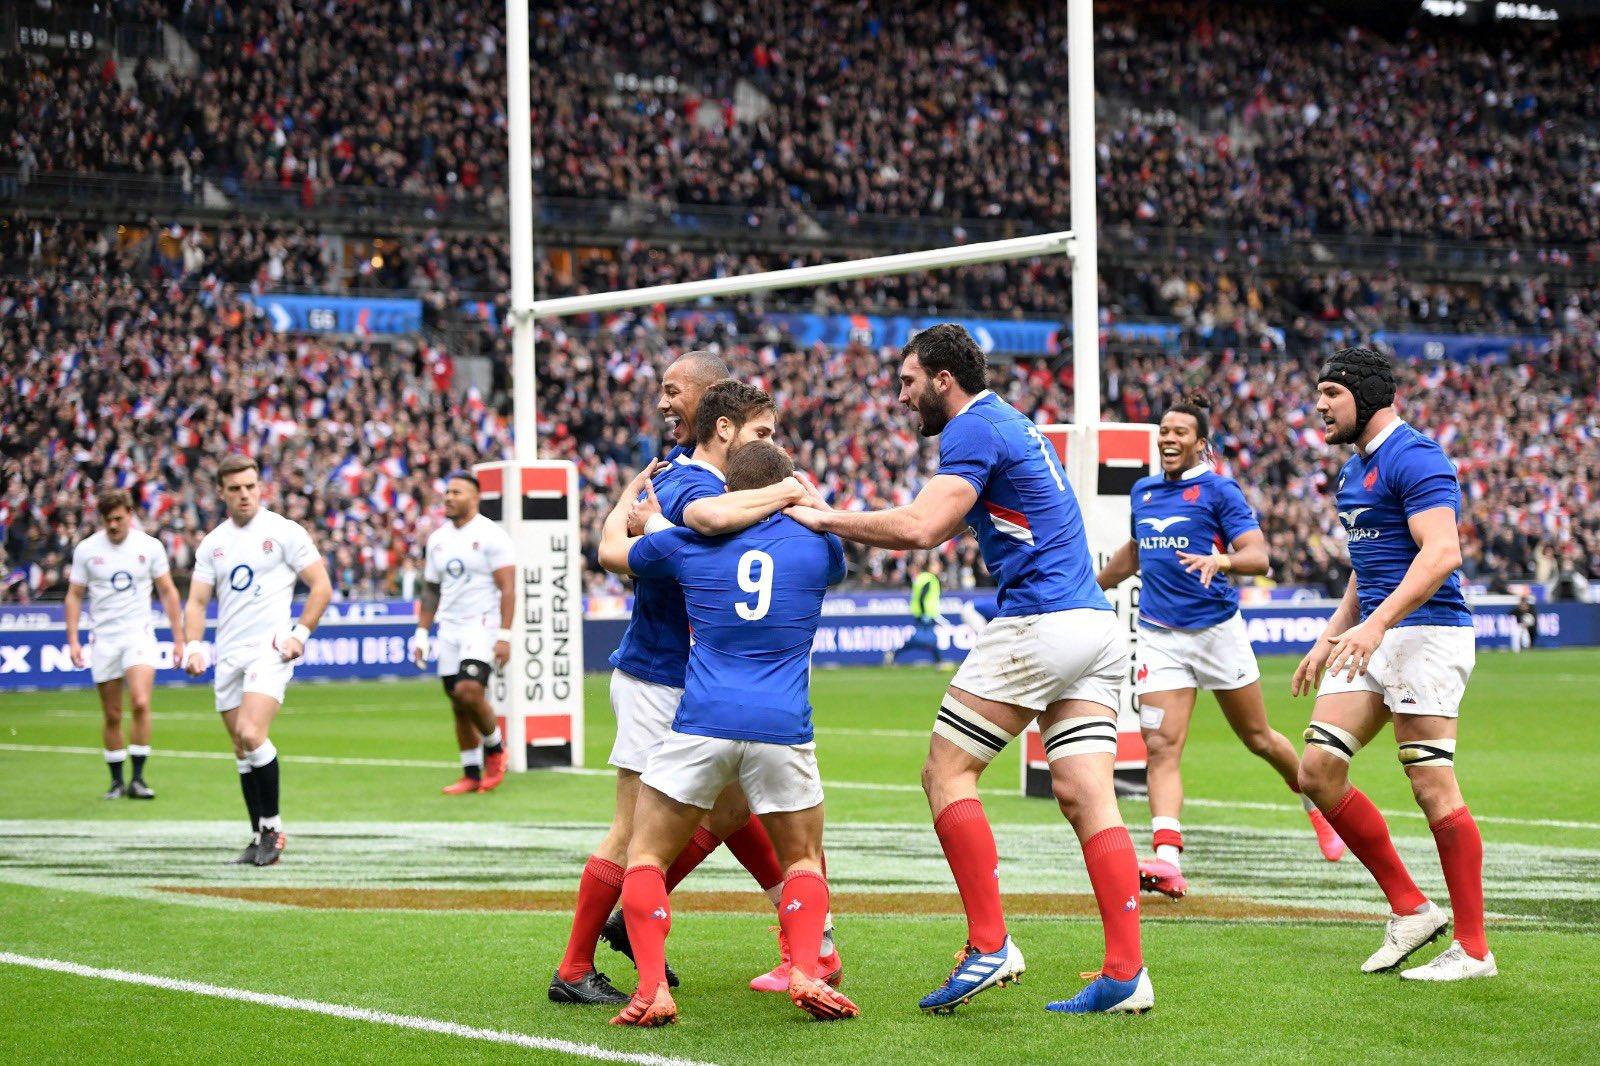 Le XV de France fait tomber le XV de la Rose vice champion du monde